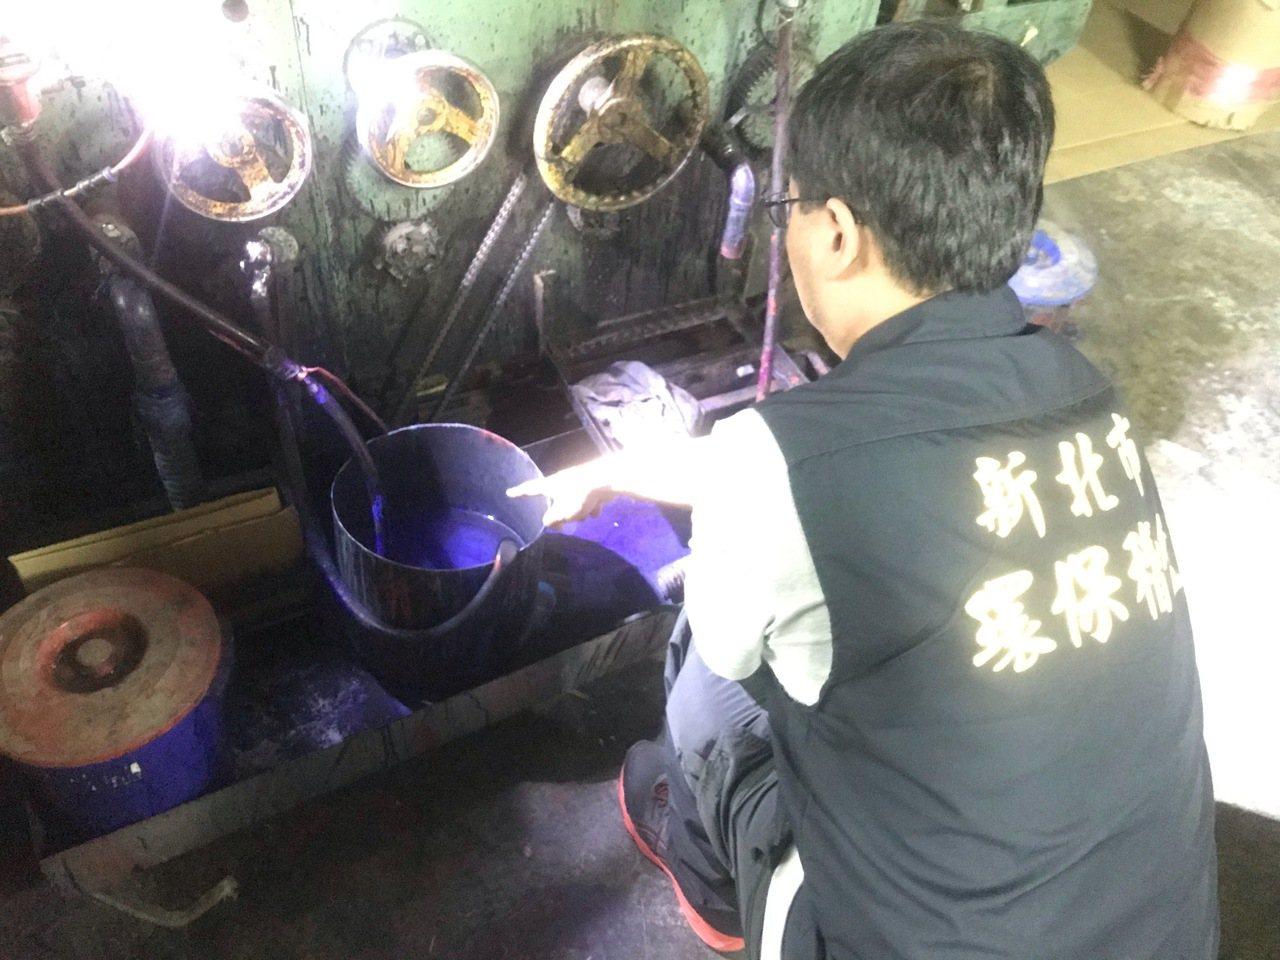 稽查人員發現璟豐廠內的桶子還有藍色廢液殘跡。圖/環保局提供